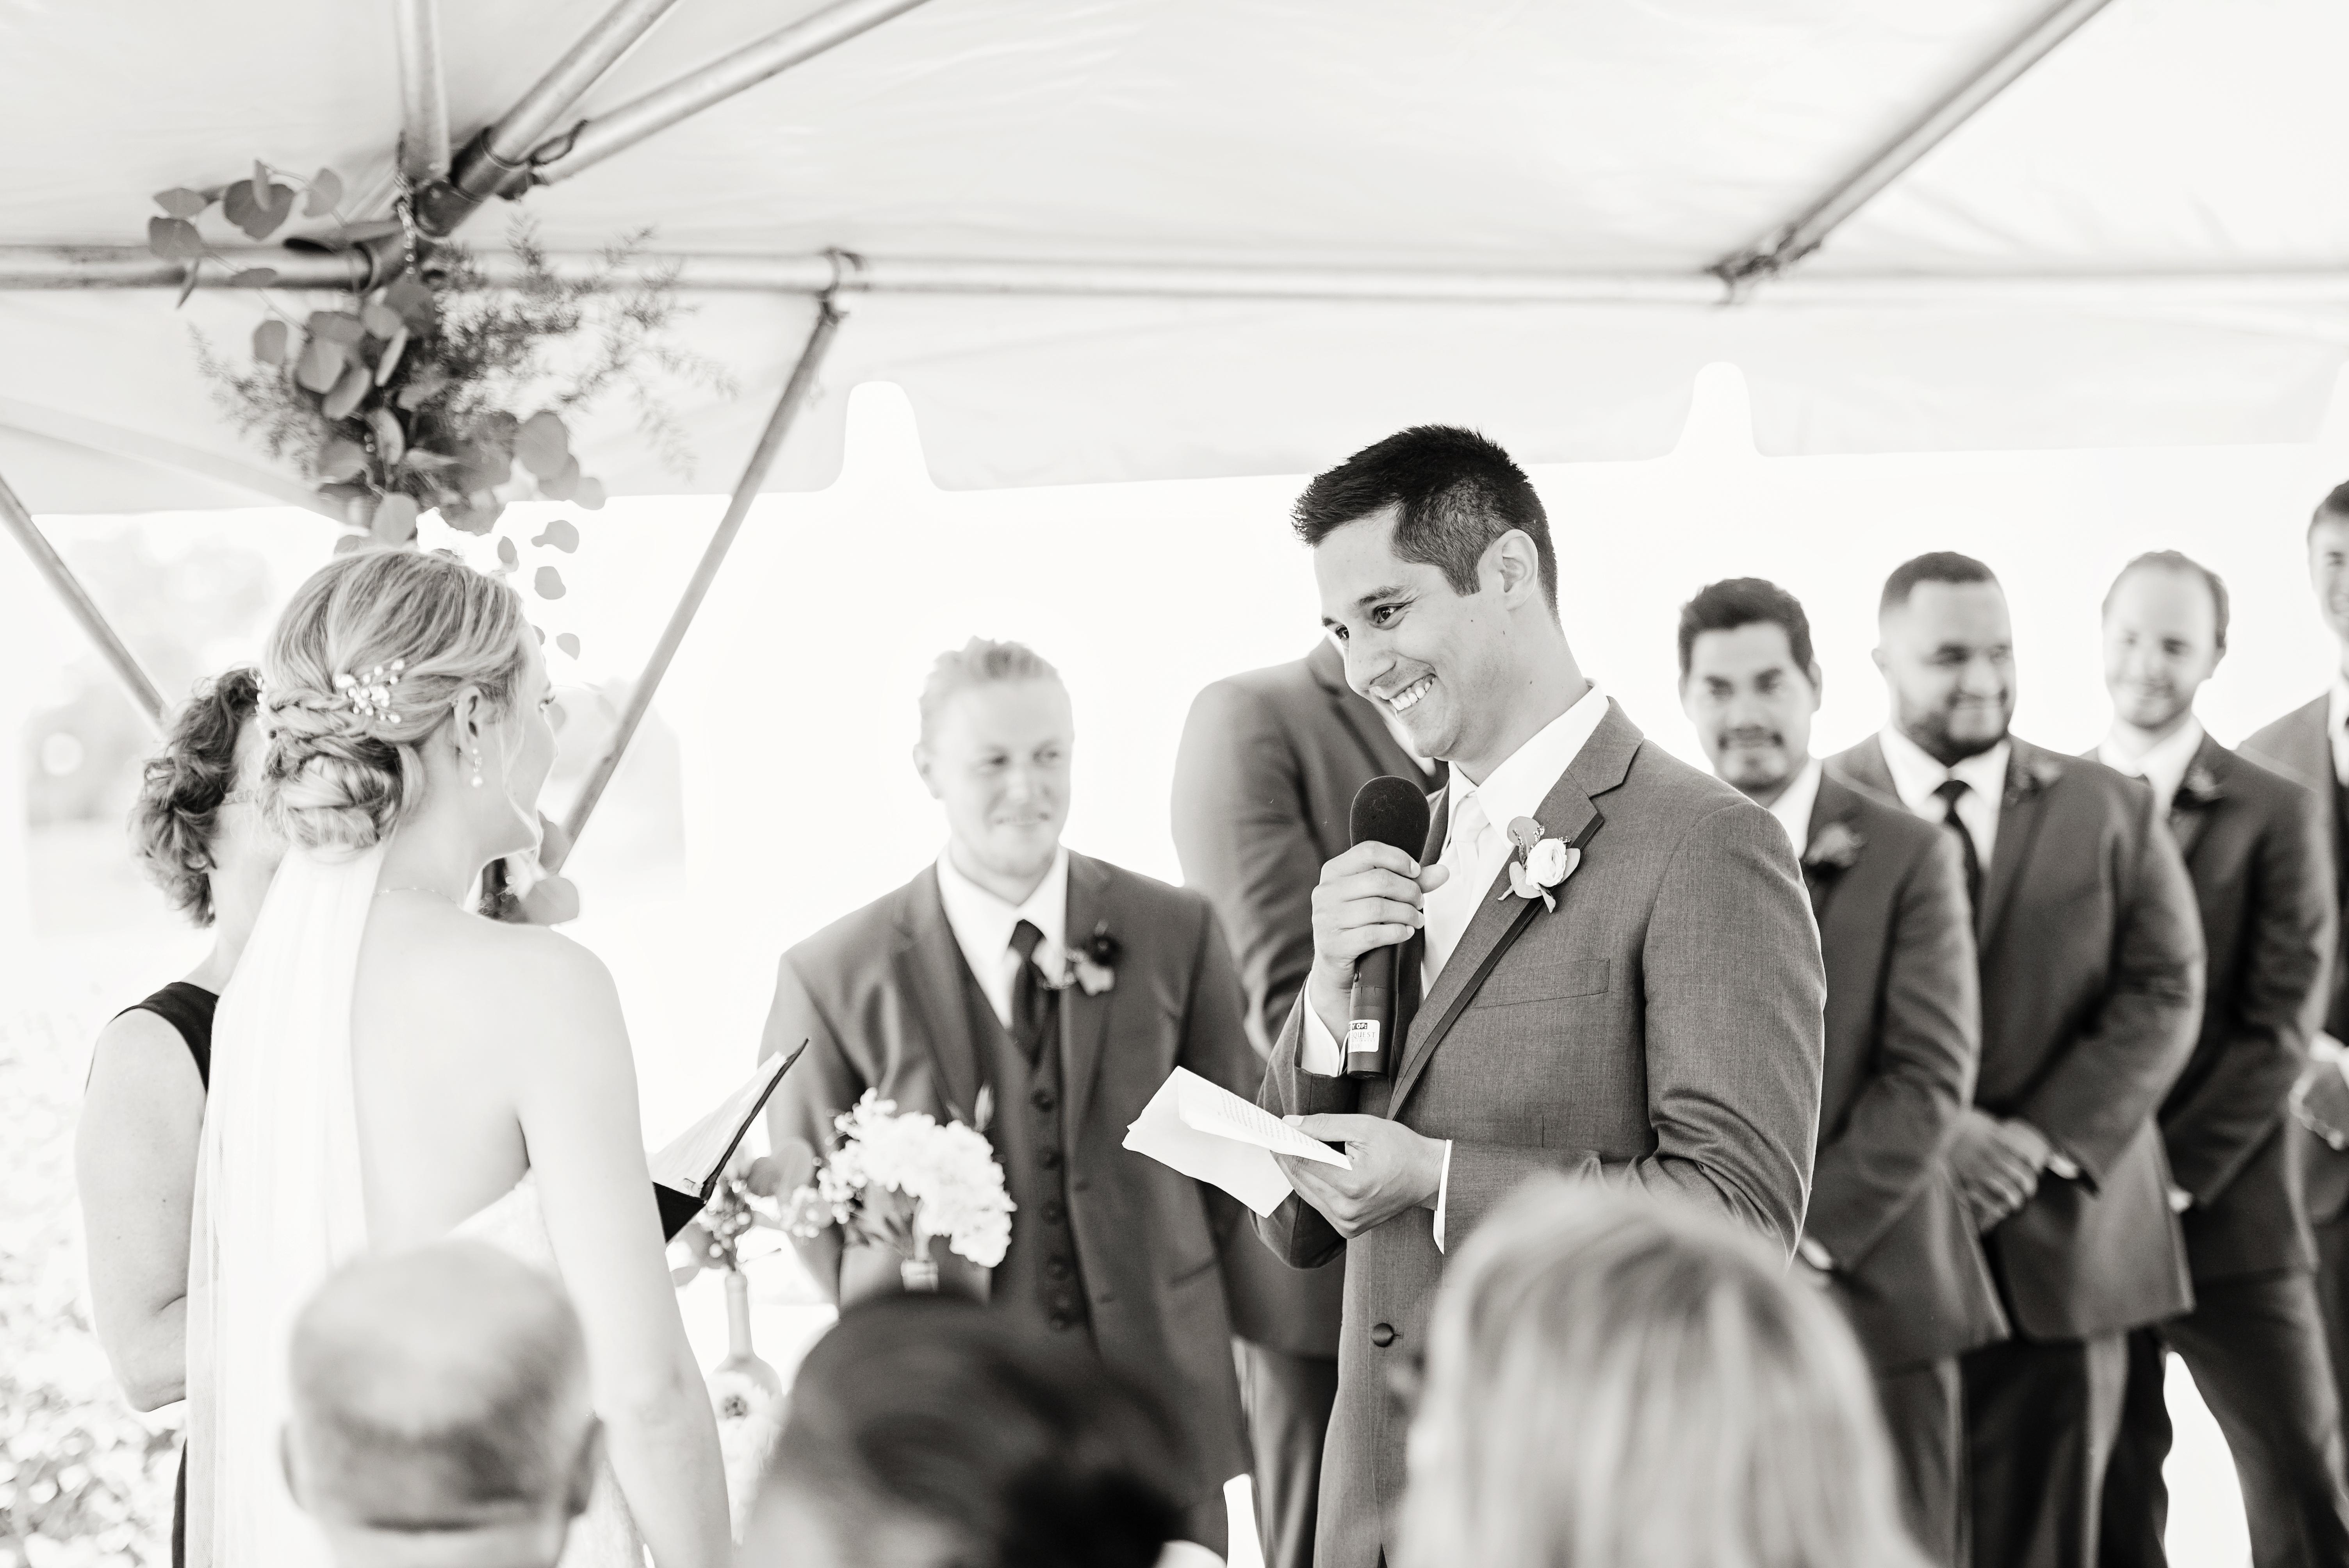 twincities wedding photography east oaks photography wedding photo (21)